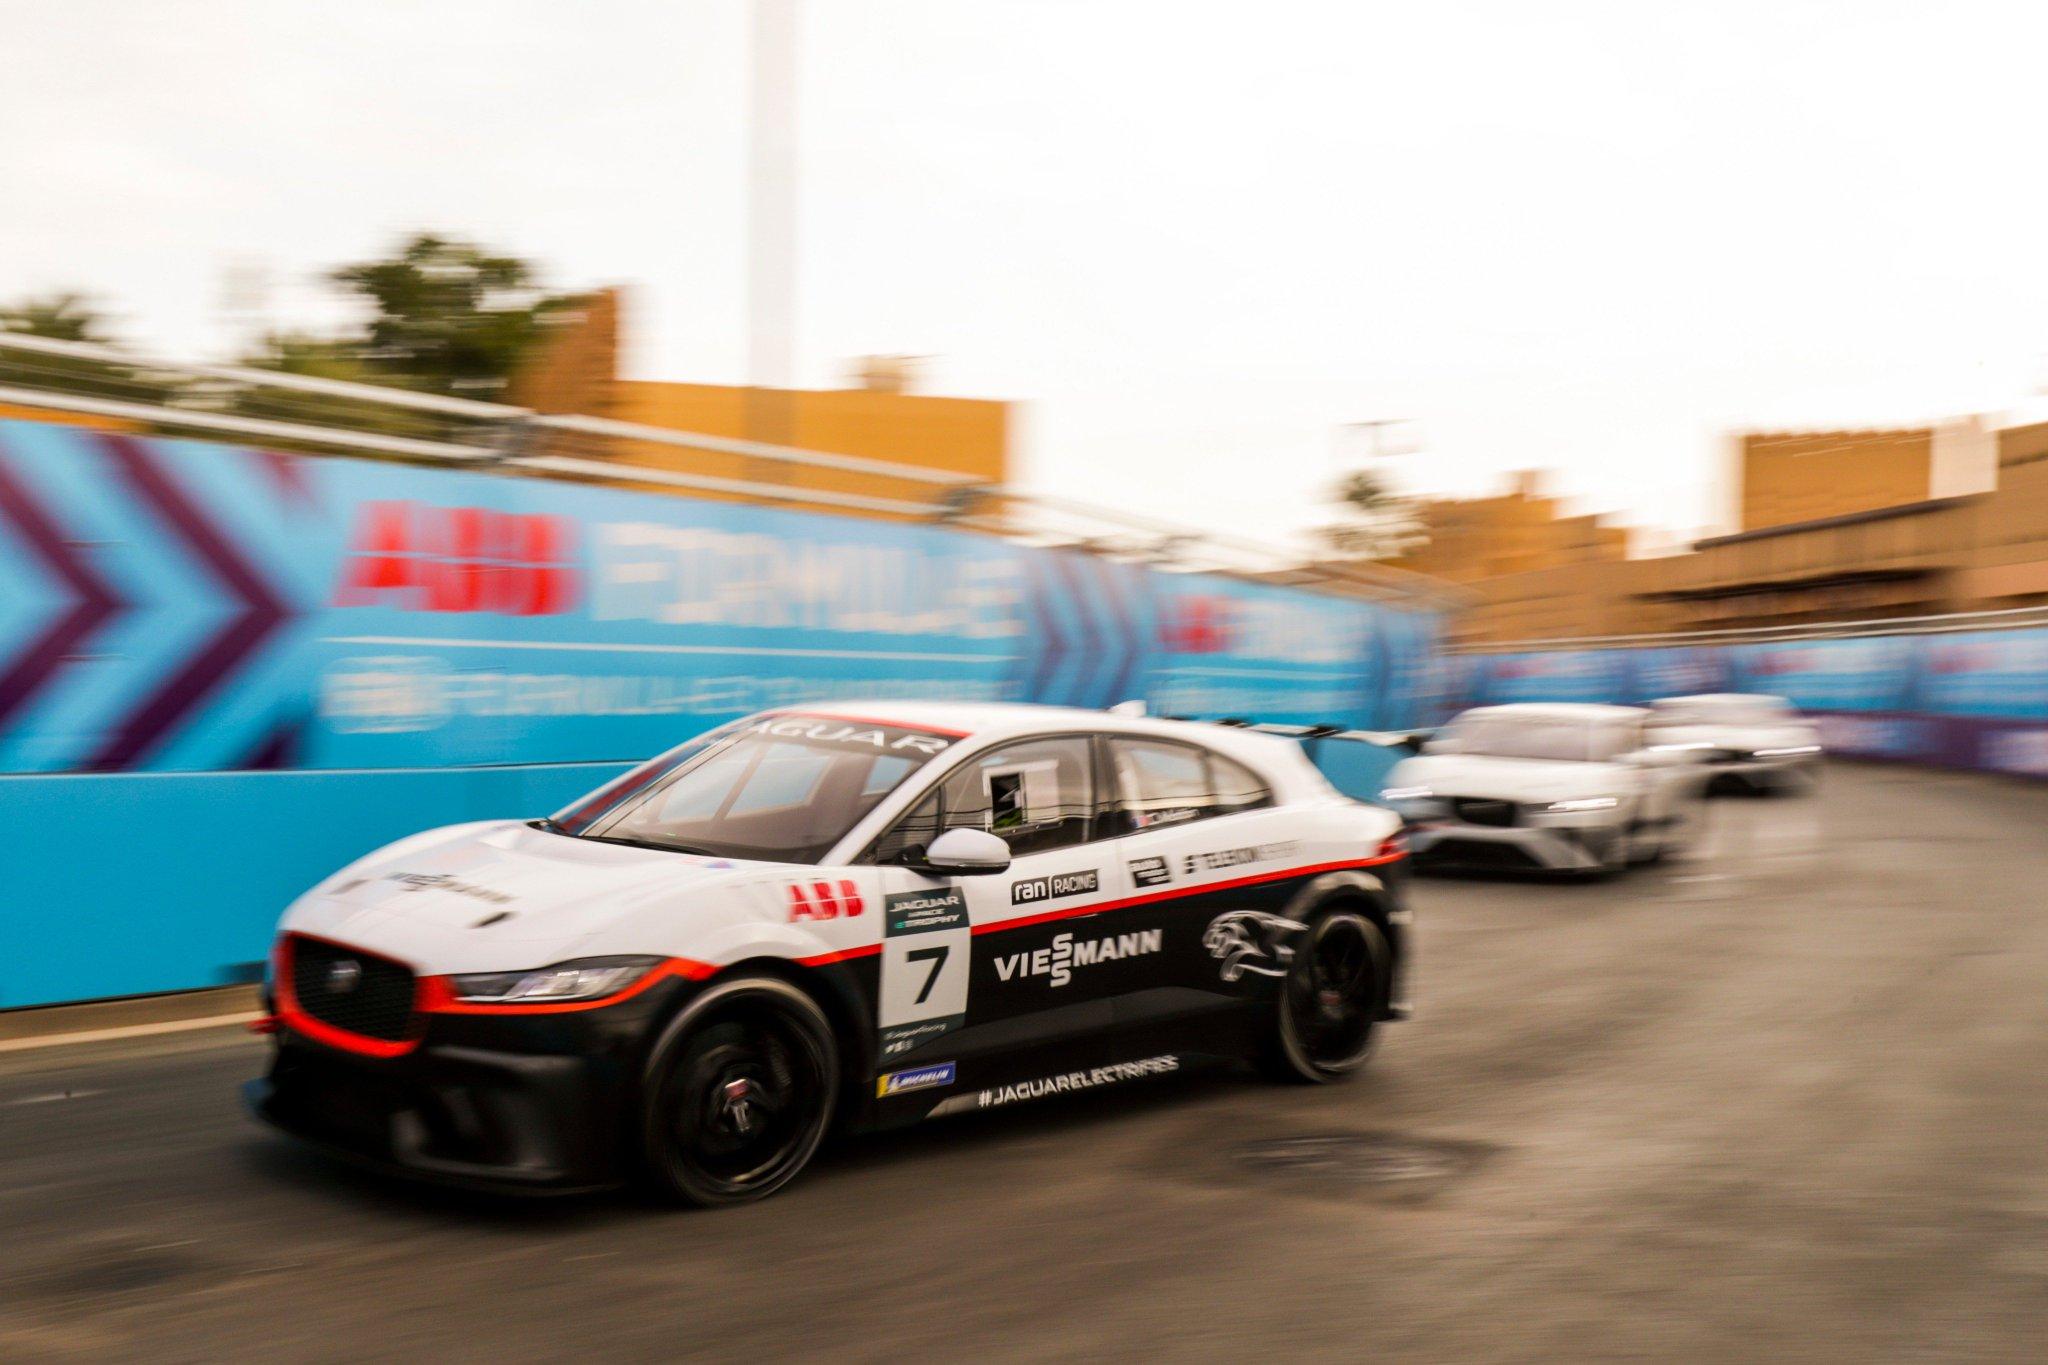 Célia Martin Jaguar eThrophy Riyadh 2018